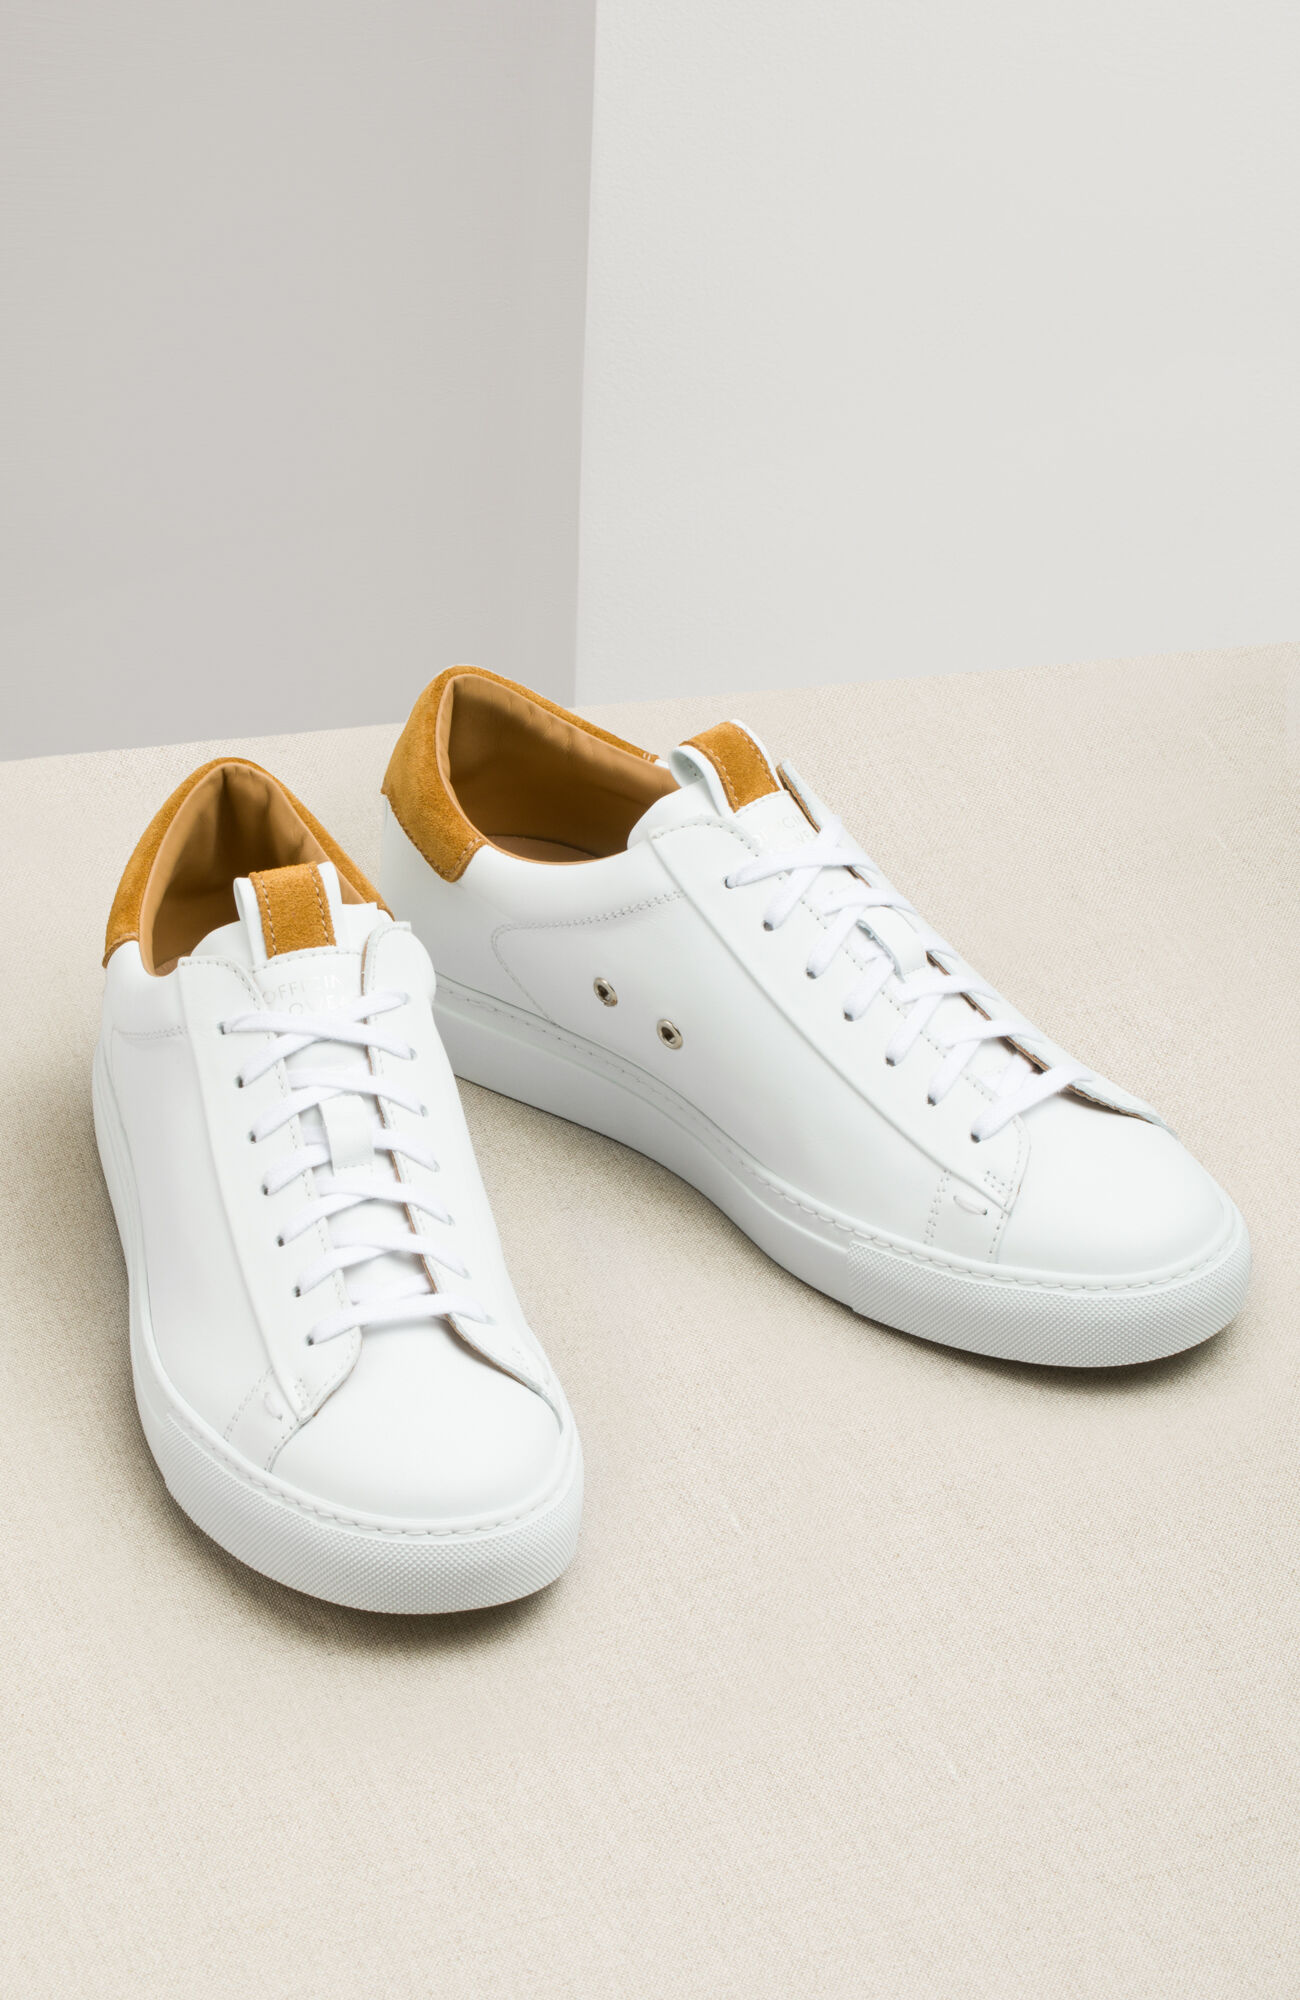 Weiß grüne 'Super Star' Sneakers aus Leder und Wildleder von